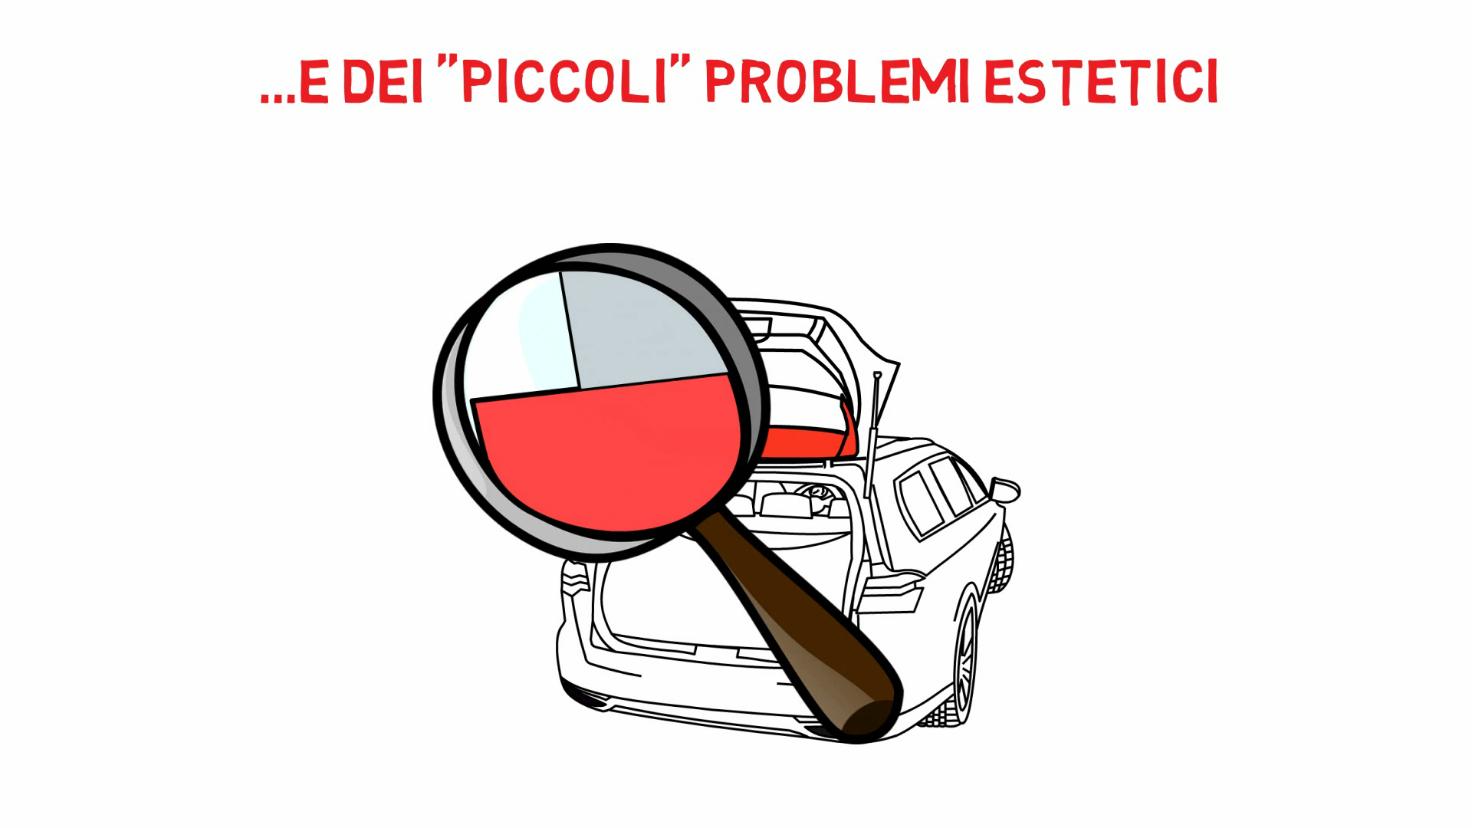 problemi-estetici